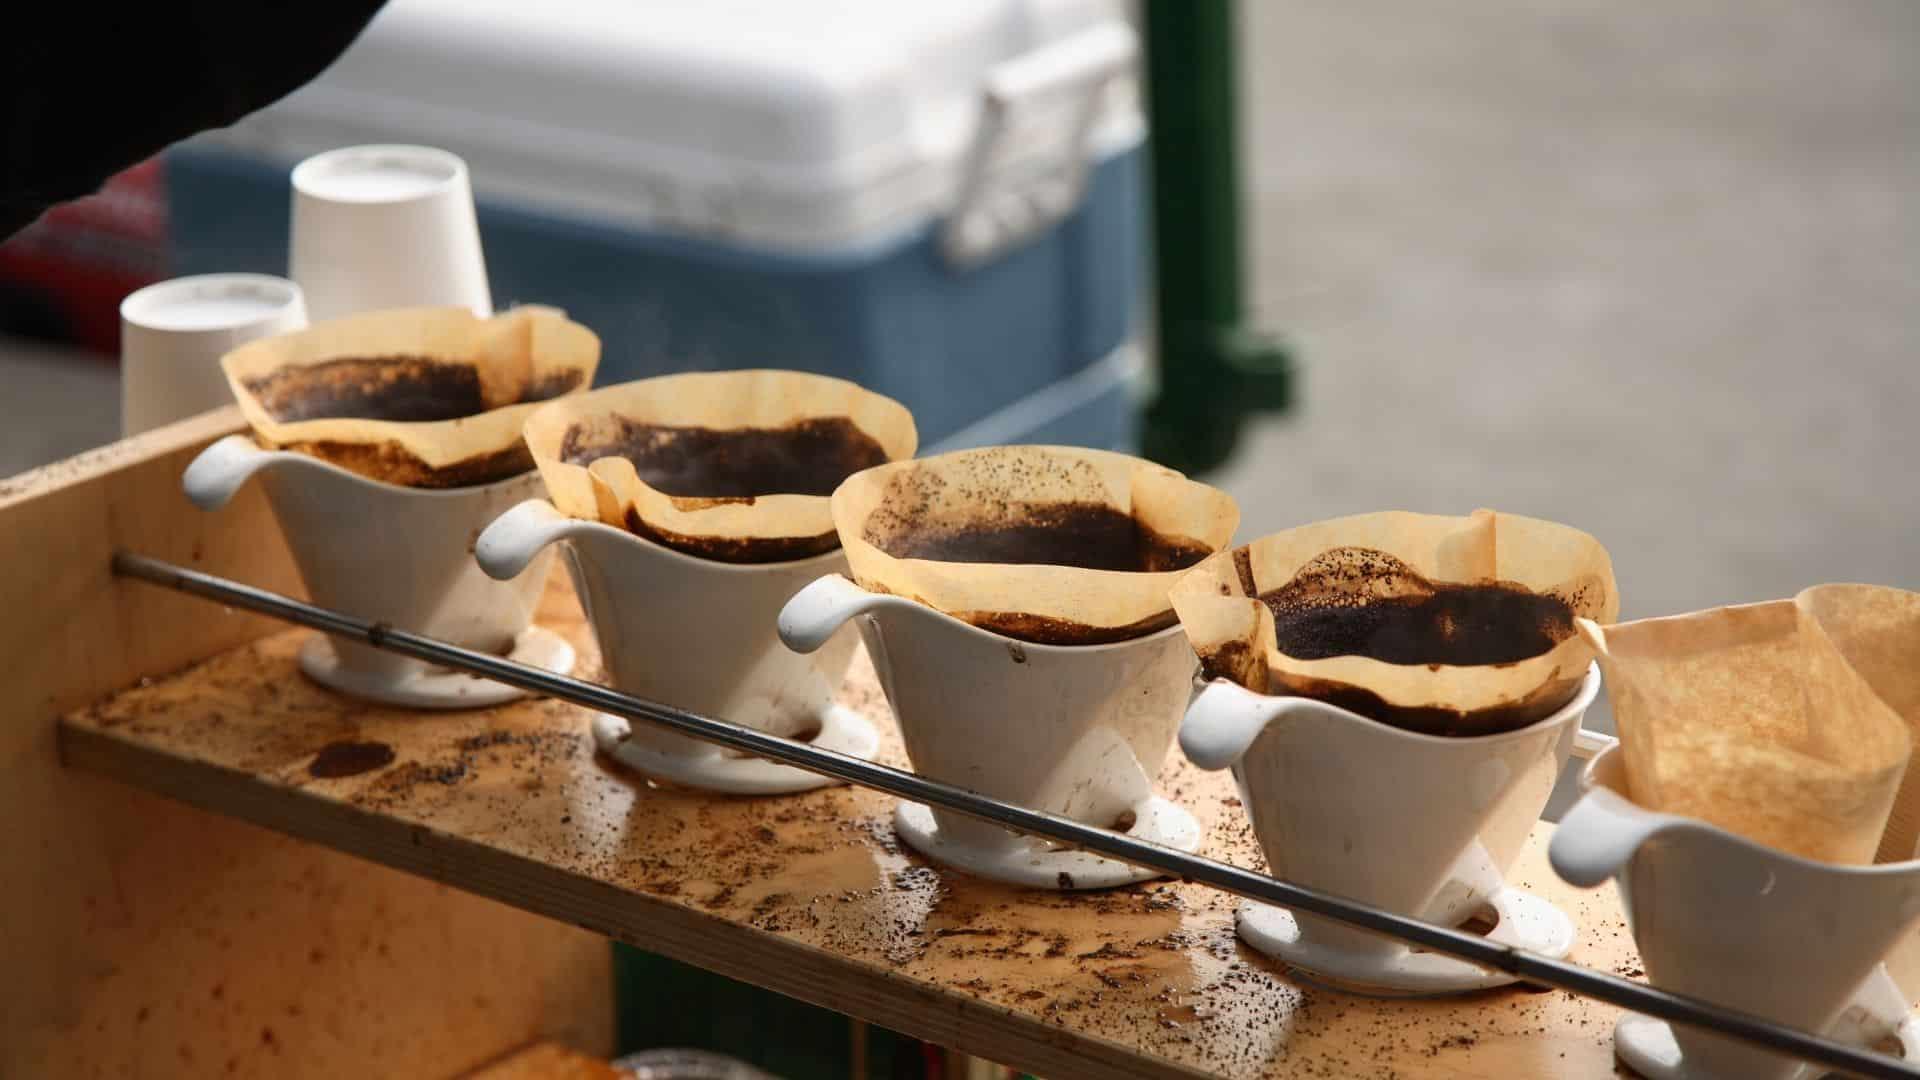 A kávé népszerű ital, és valószínűleg a leggyakoribb koffeinforrás. A kávé koffeintartalma jelentősen változhat számos tényezőtől függően, beleértve a típust, a főzési módszert és a márkát.